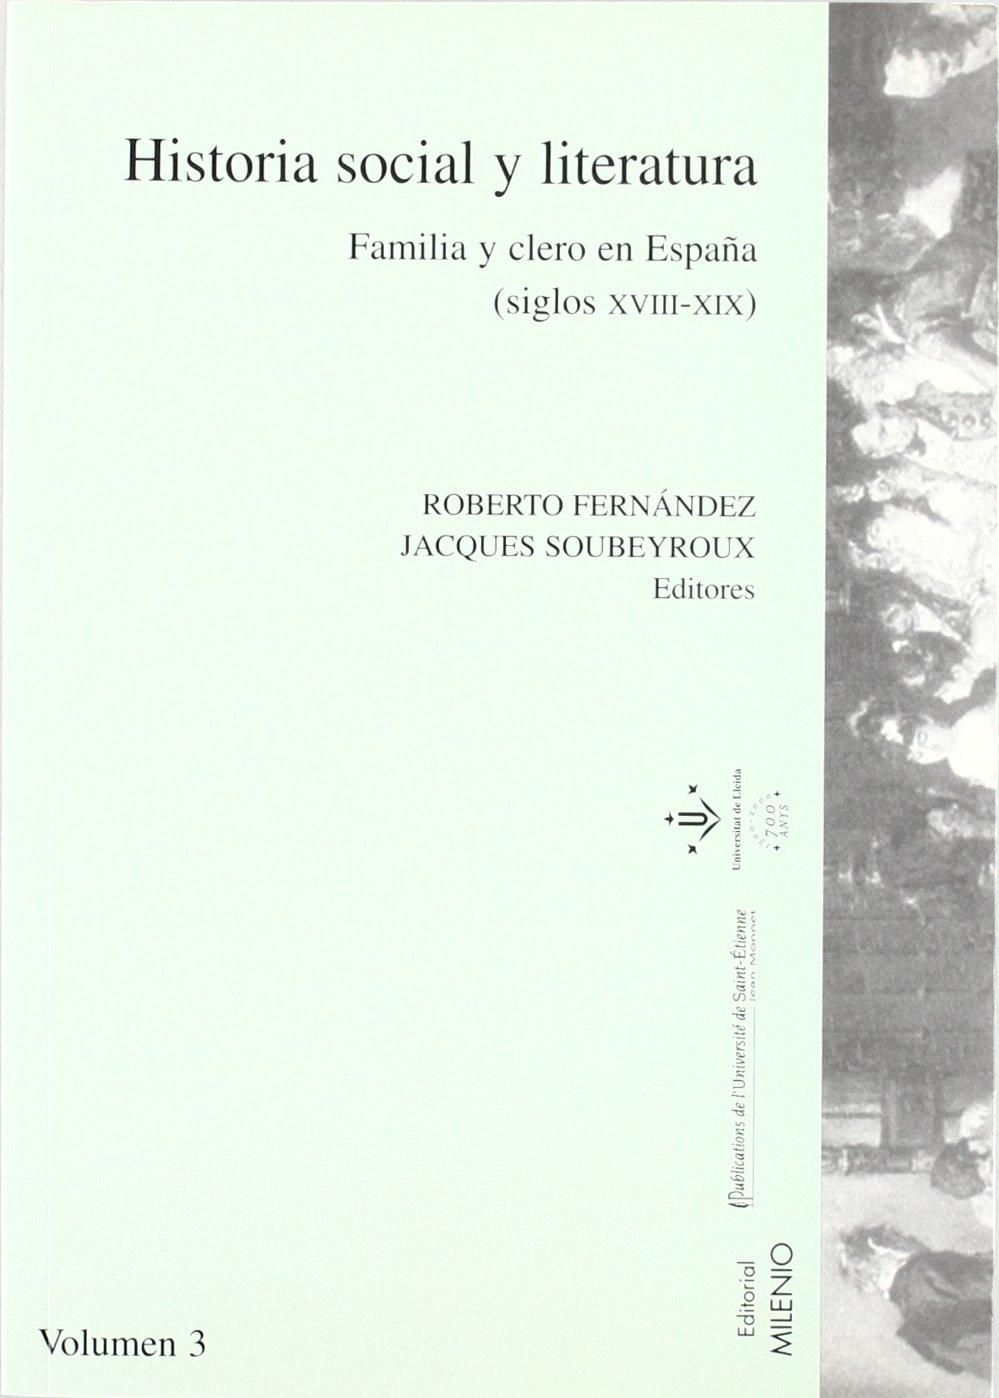 Historia social y literatura. Vol. III: Sociedad, familia y clero ...